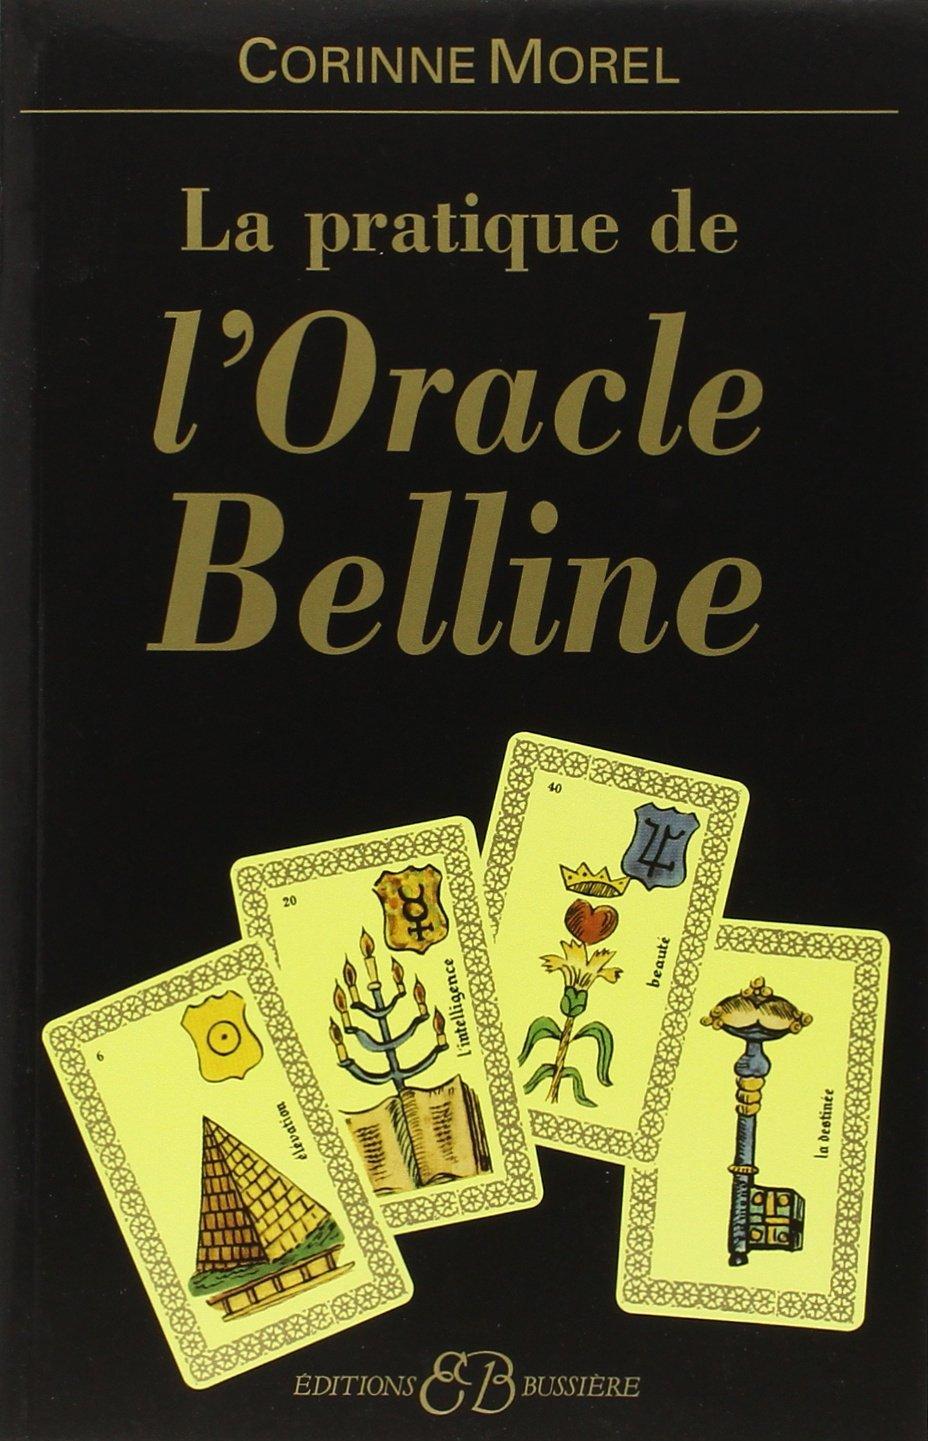 Amazon.fr - Pratique de l oracle Belline - Corinne Morel - Livres 81a4a2da6a8d